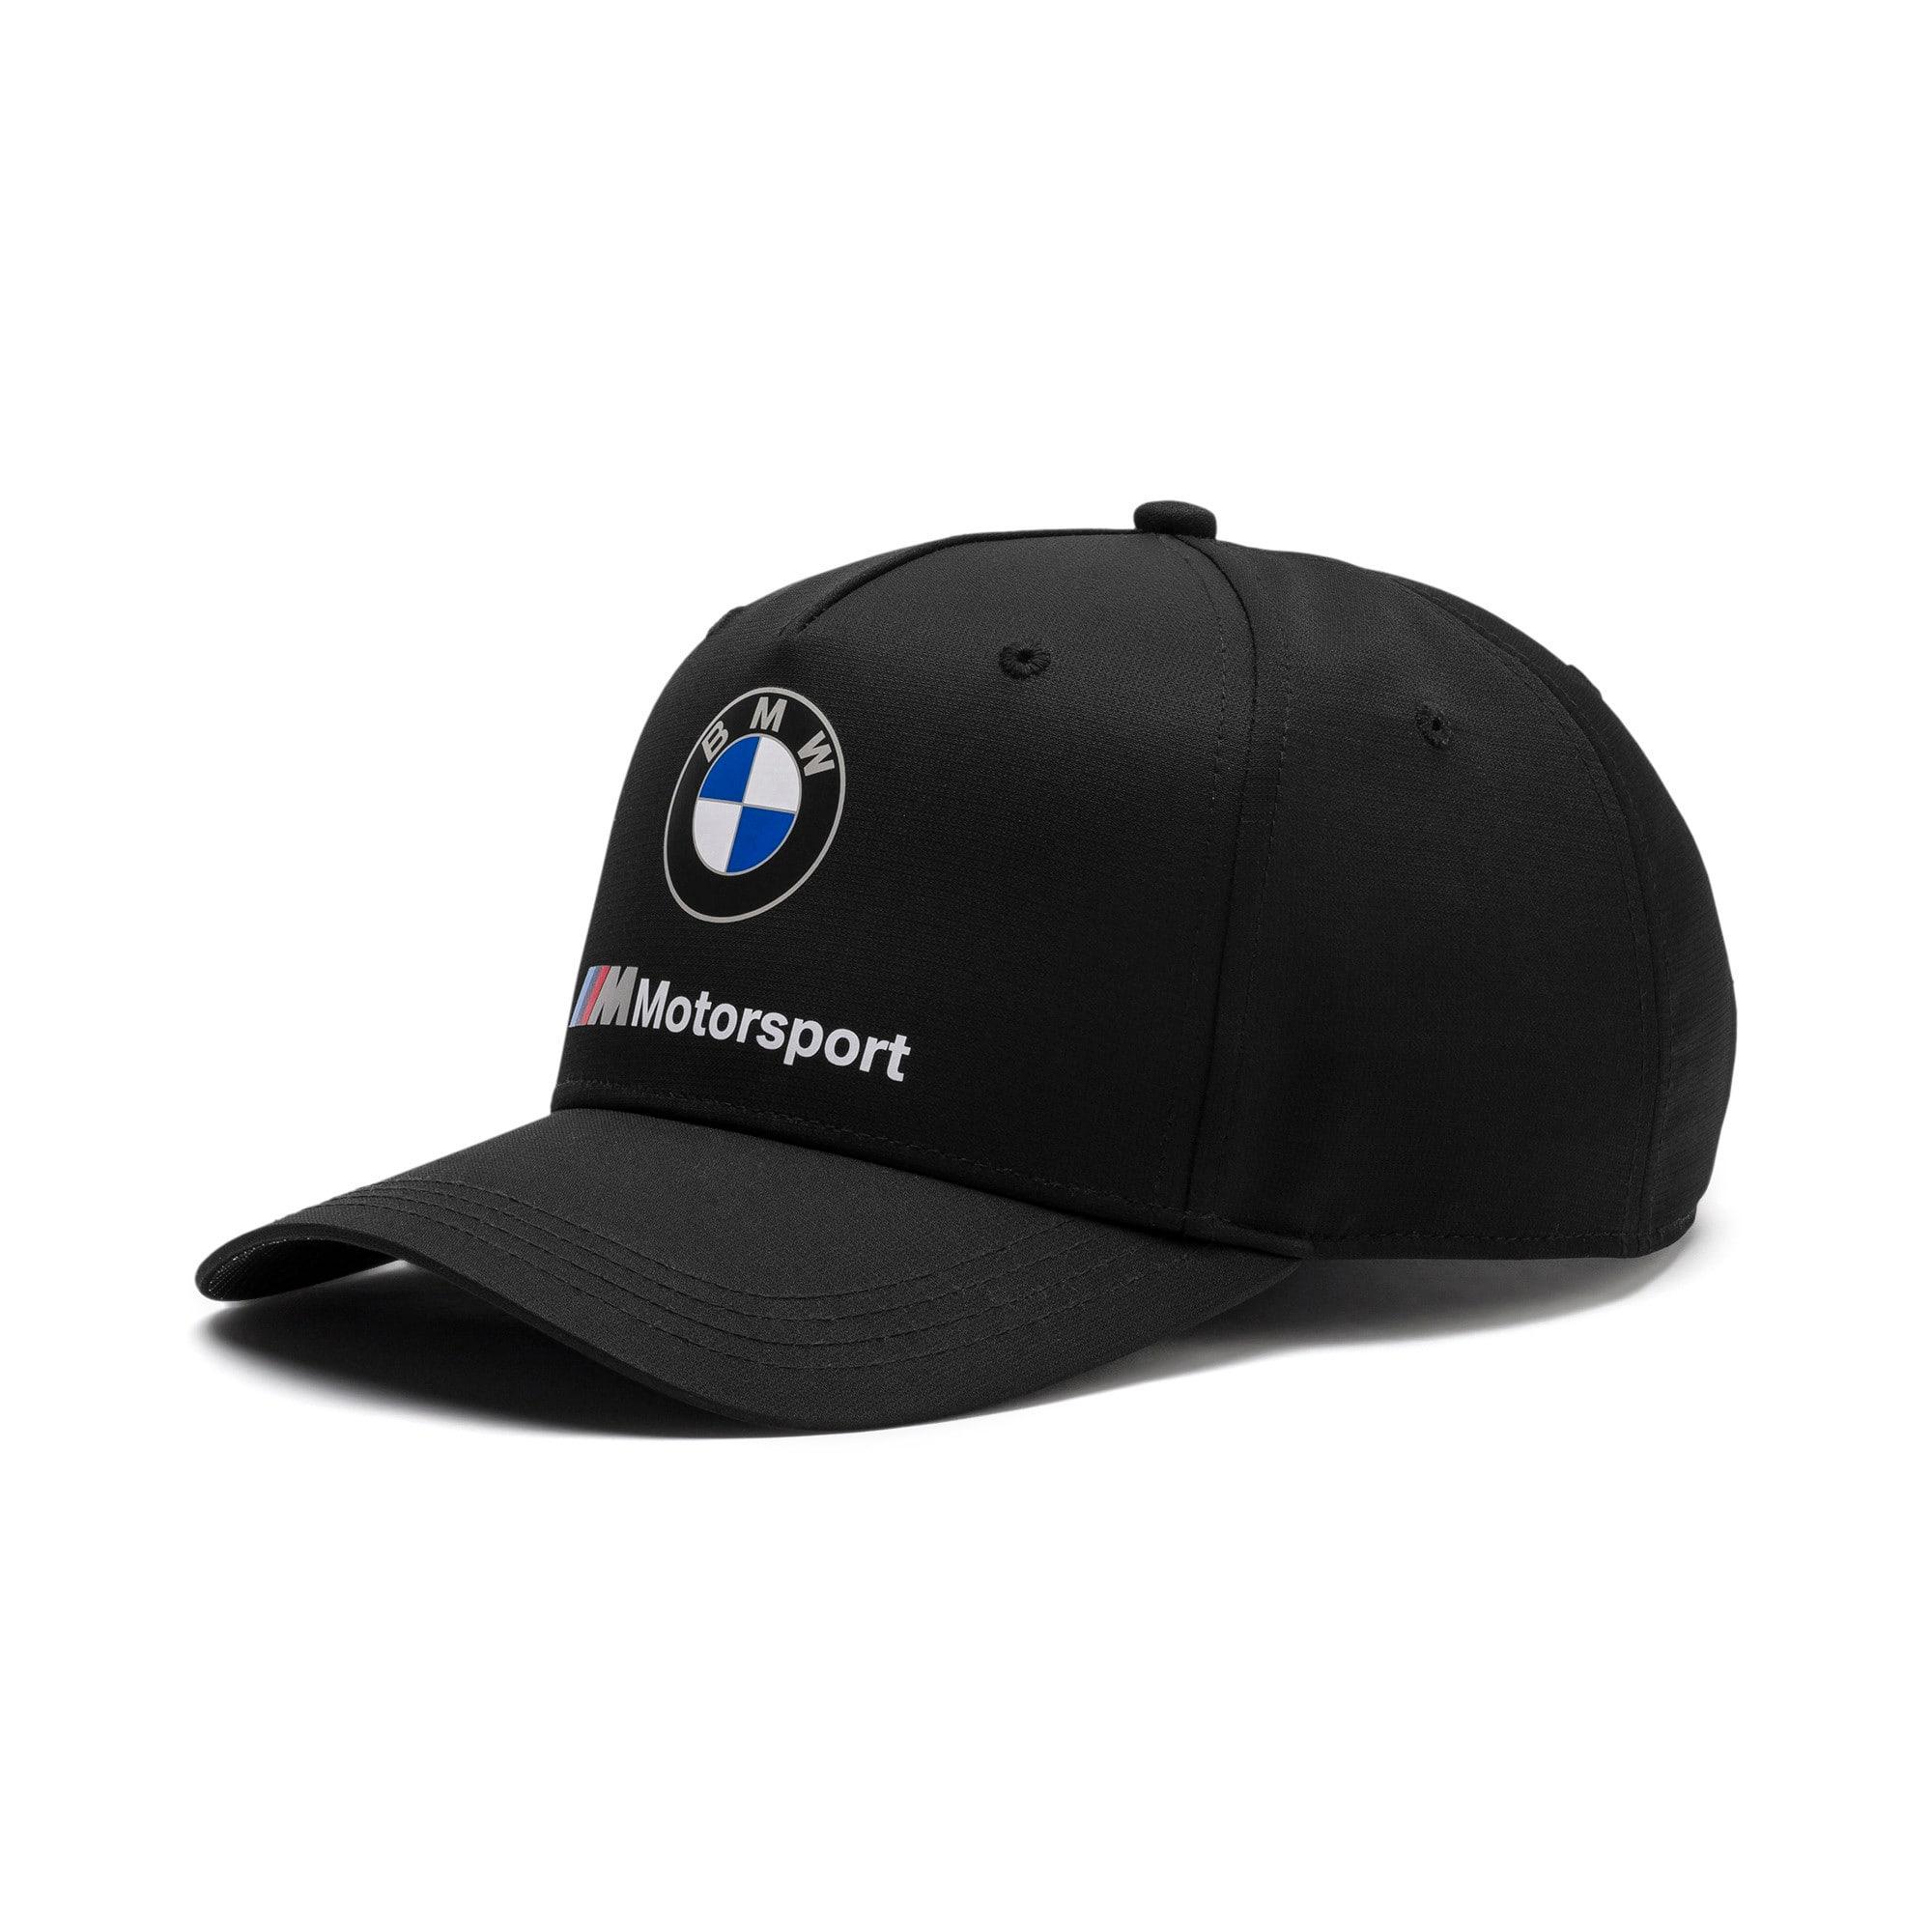 Thumbnail 1 of Casquette BMW M Motorsport, Puma Black, medium